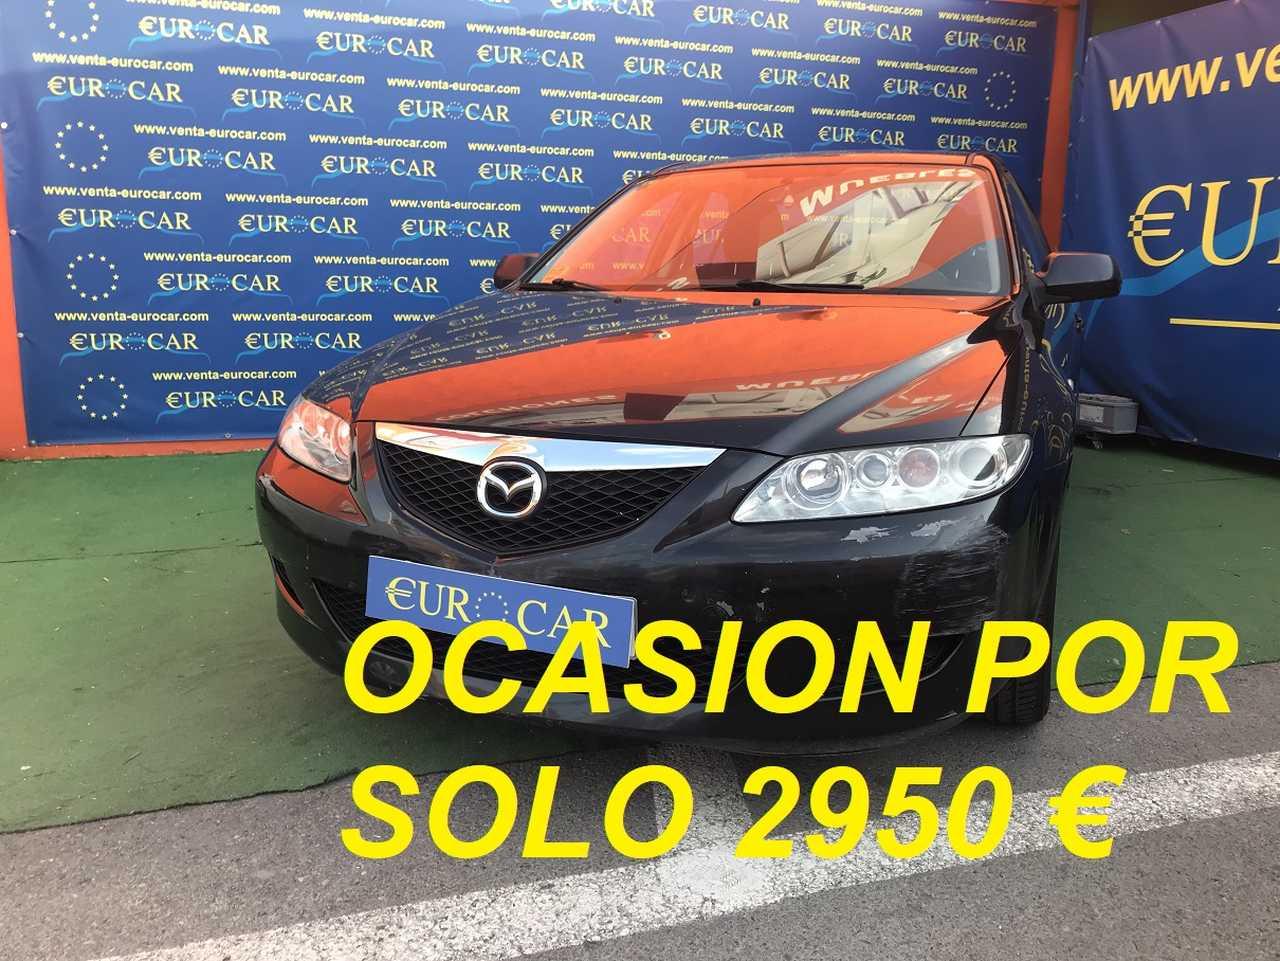 Mazda 6 ocasión segunda mano 2005 Gasolina por 2.950€ en Alicante